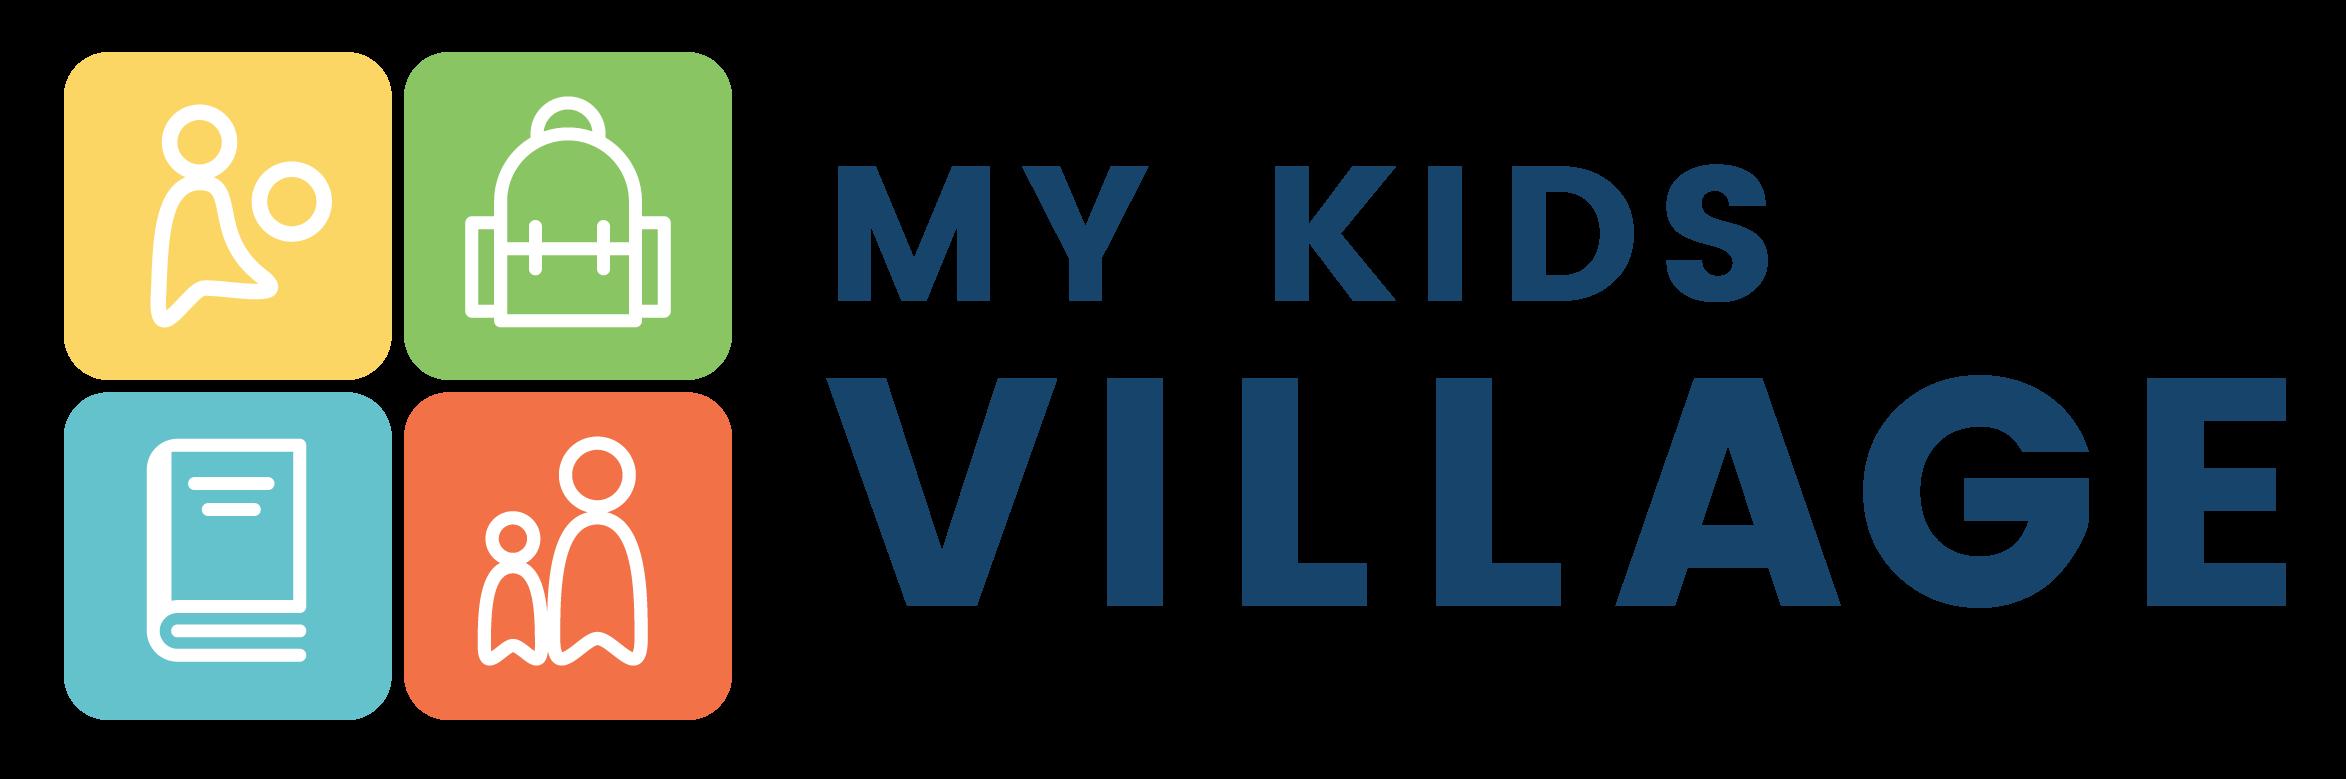 my-kids-village-logo-FULL-01-01.png